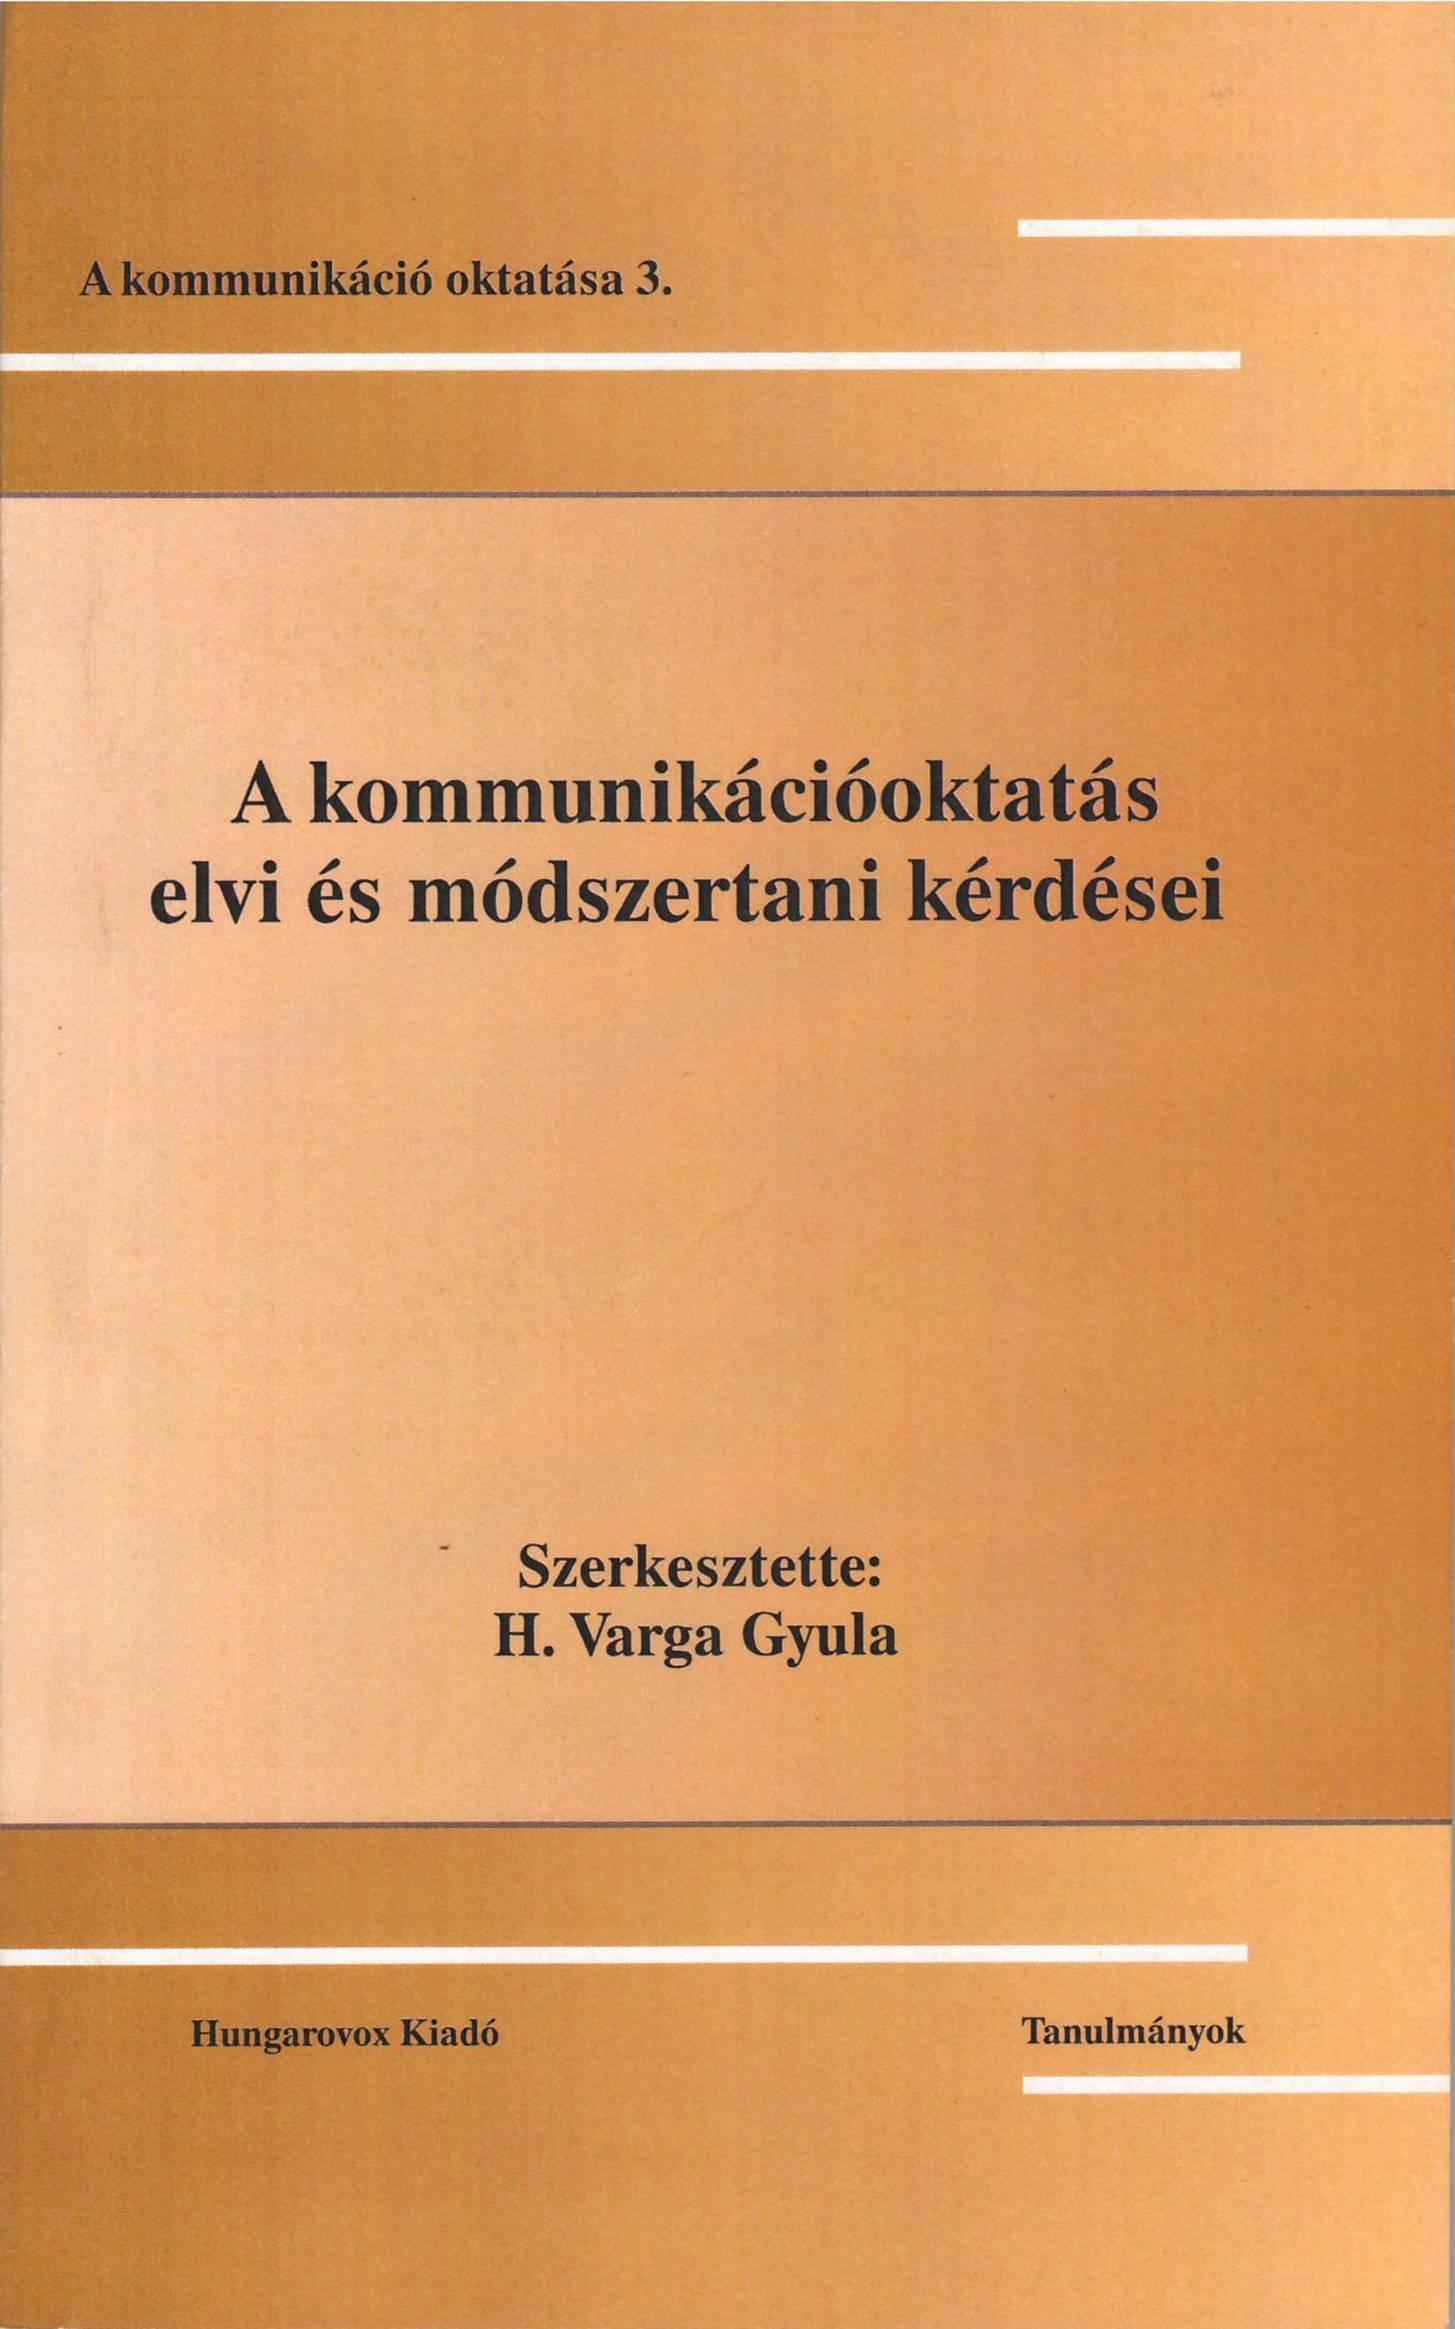 A KOMMUNIKÁCIÓOKTATÁS ELVI ÉS MÓDSZERTANI KÉRDÉSEI - A KOMM. OKT. 3.